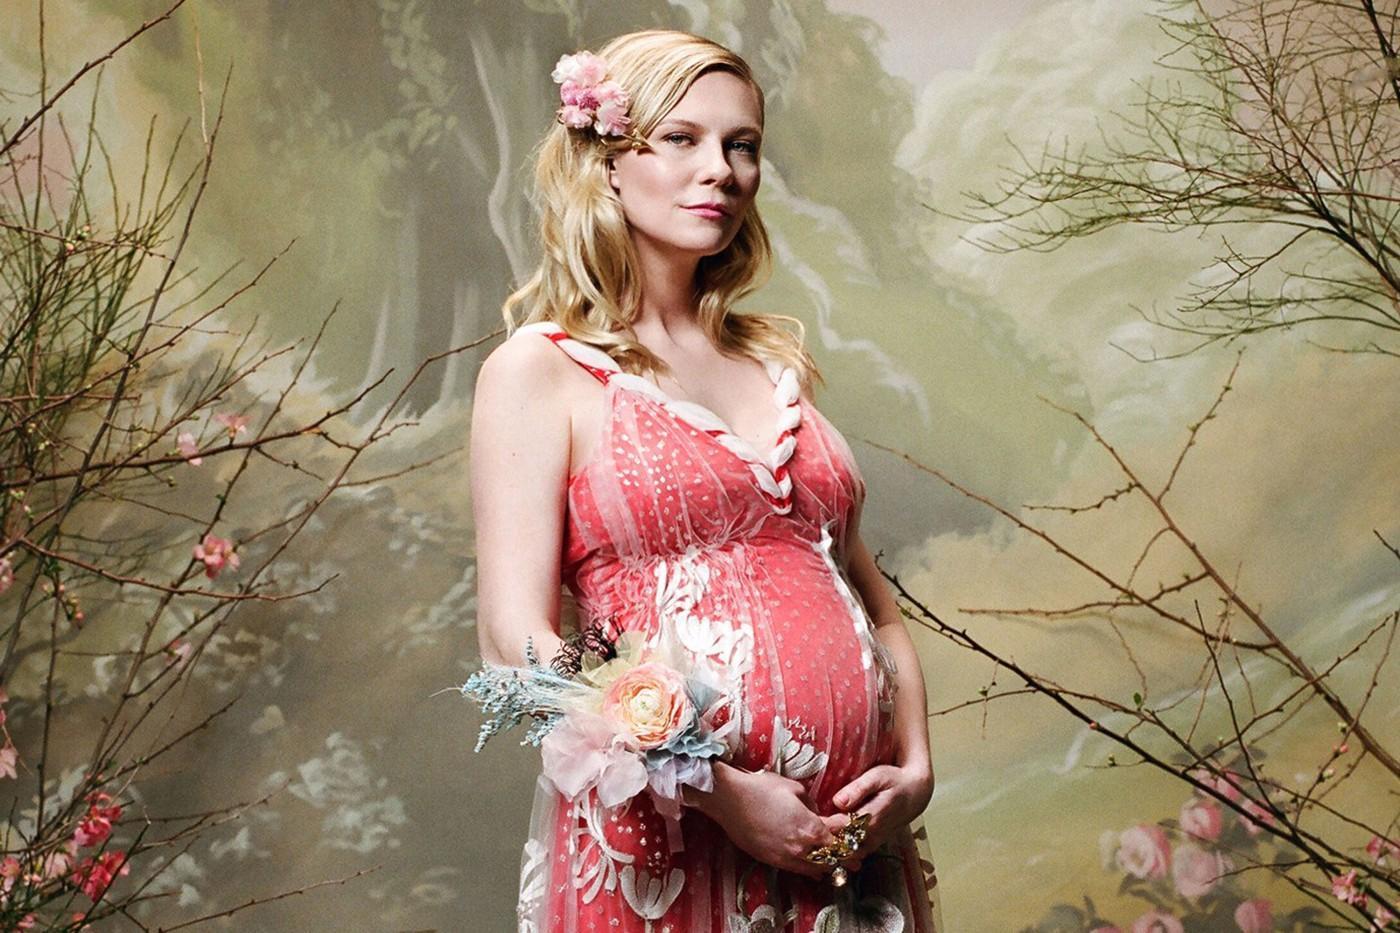 Kirsten Dunst Confirms Her Pregnancy in Rodarte Lookbook Shoot